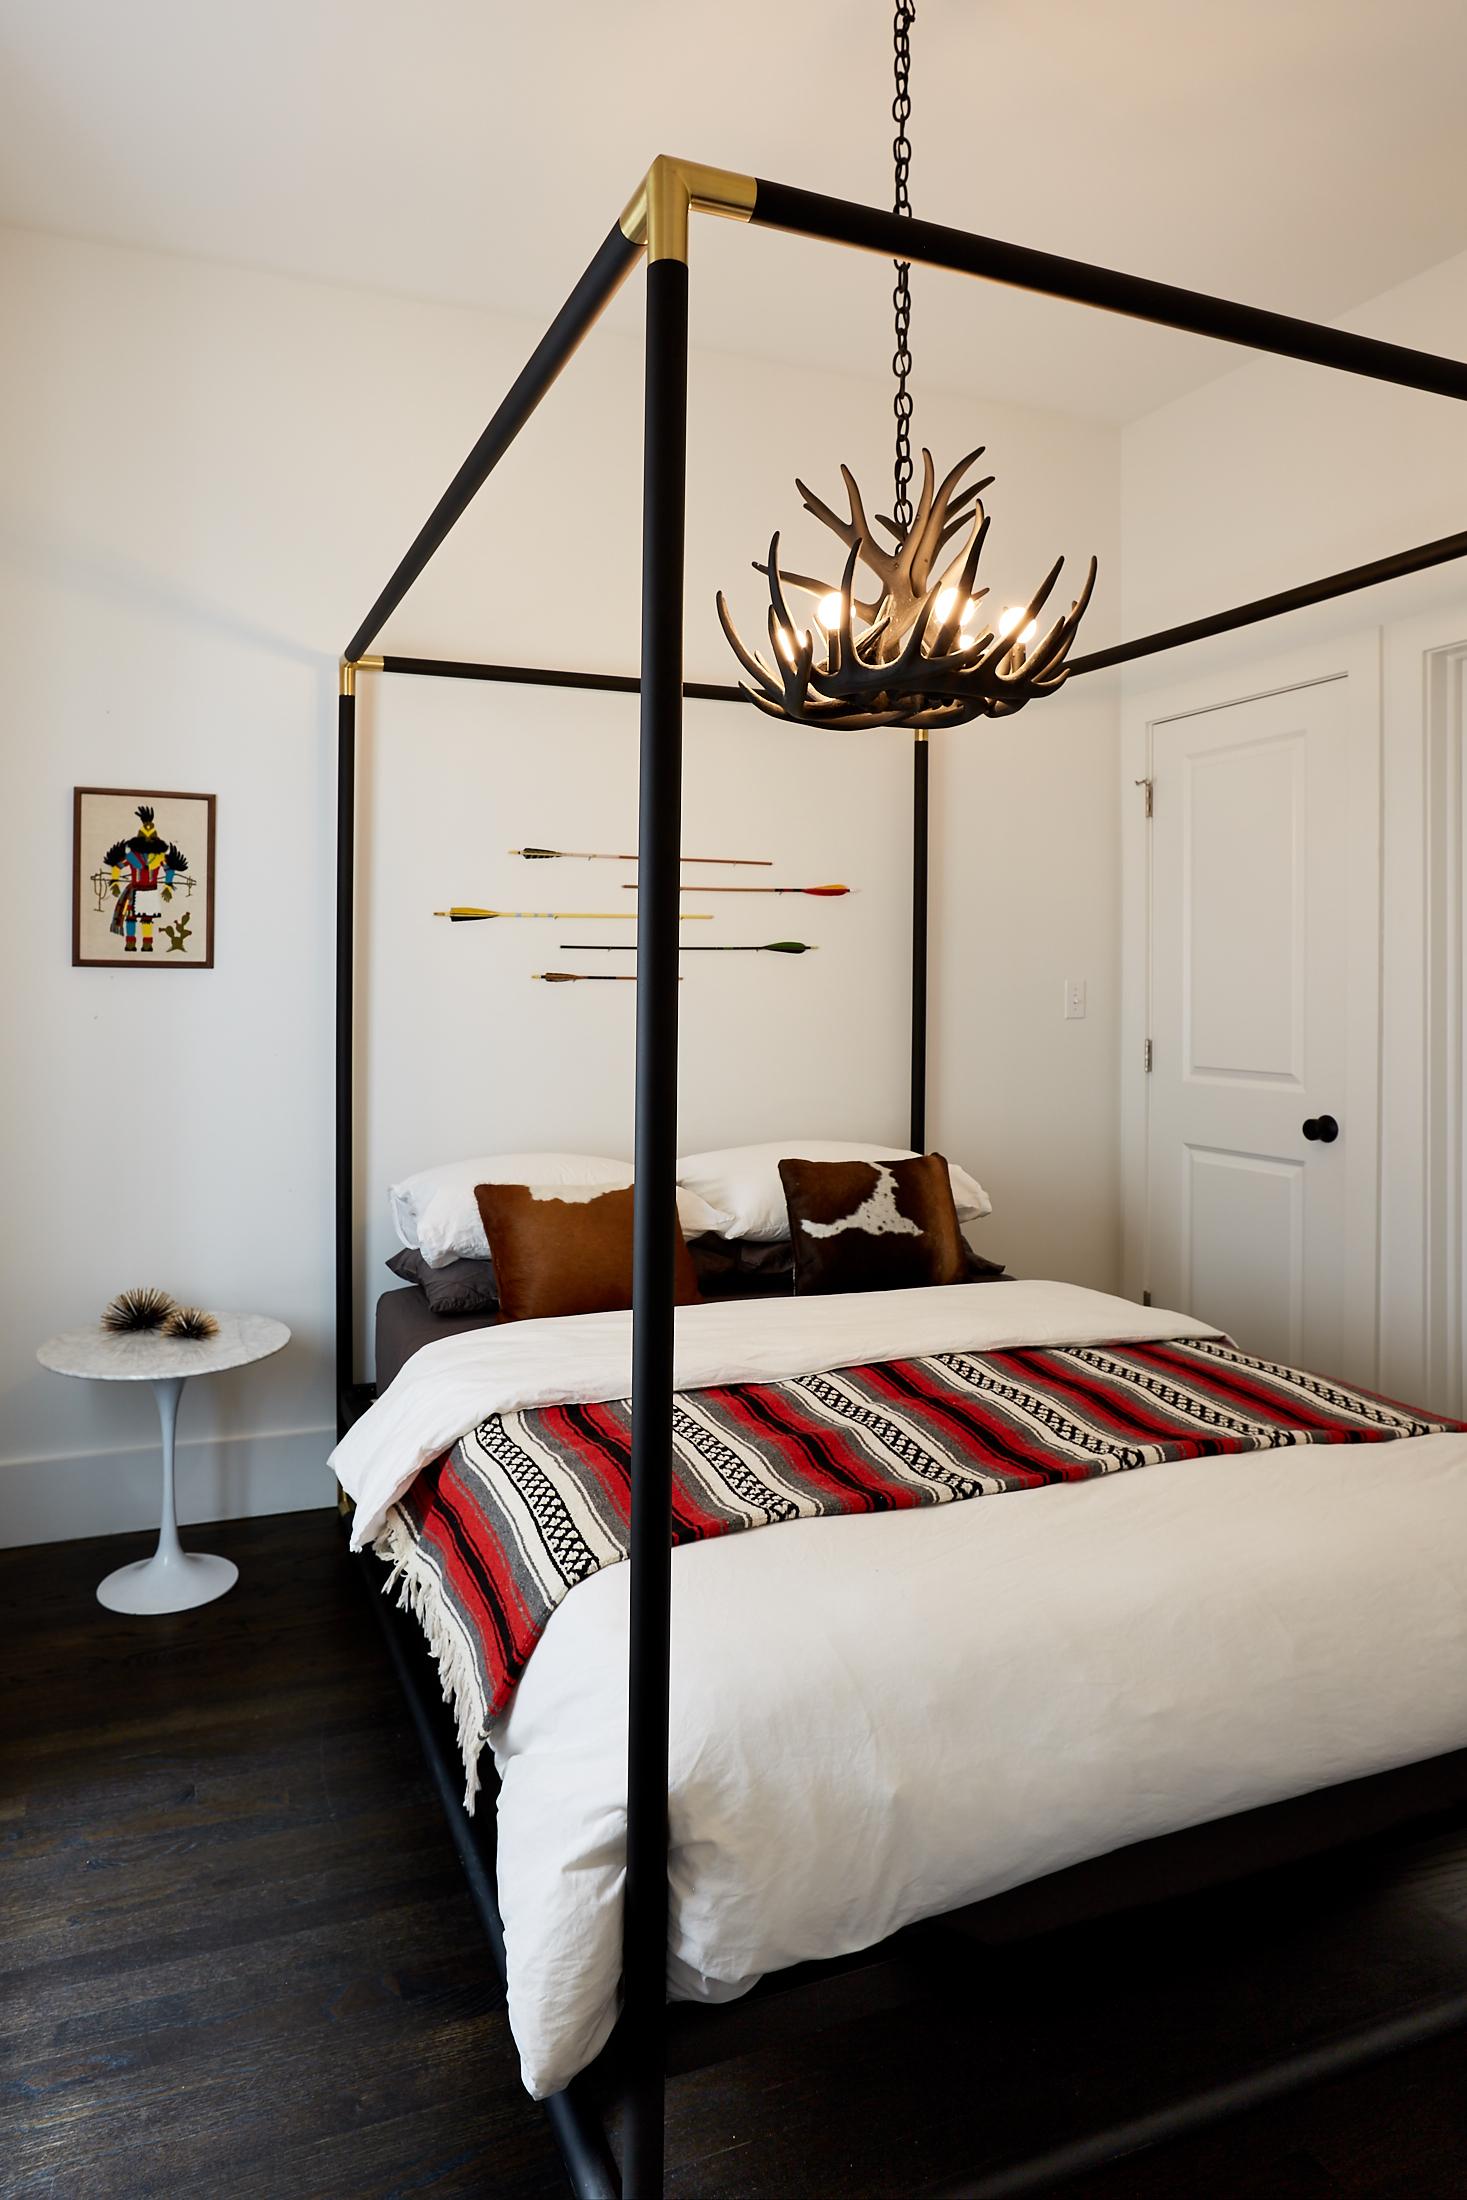 El_Motel_Bedroom_810.jpg